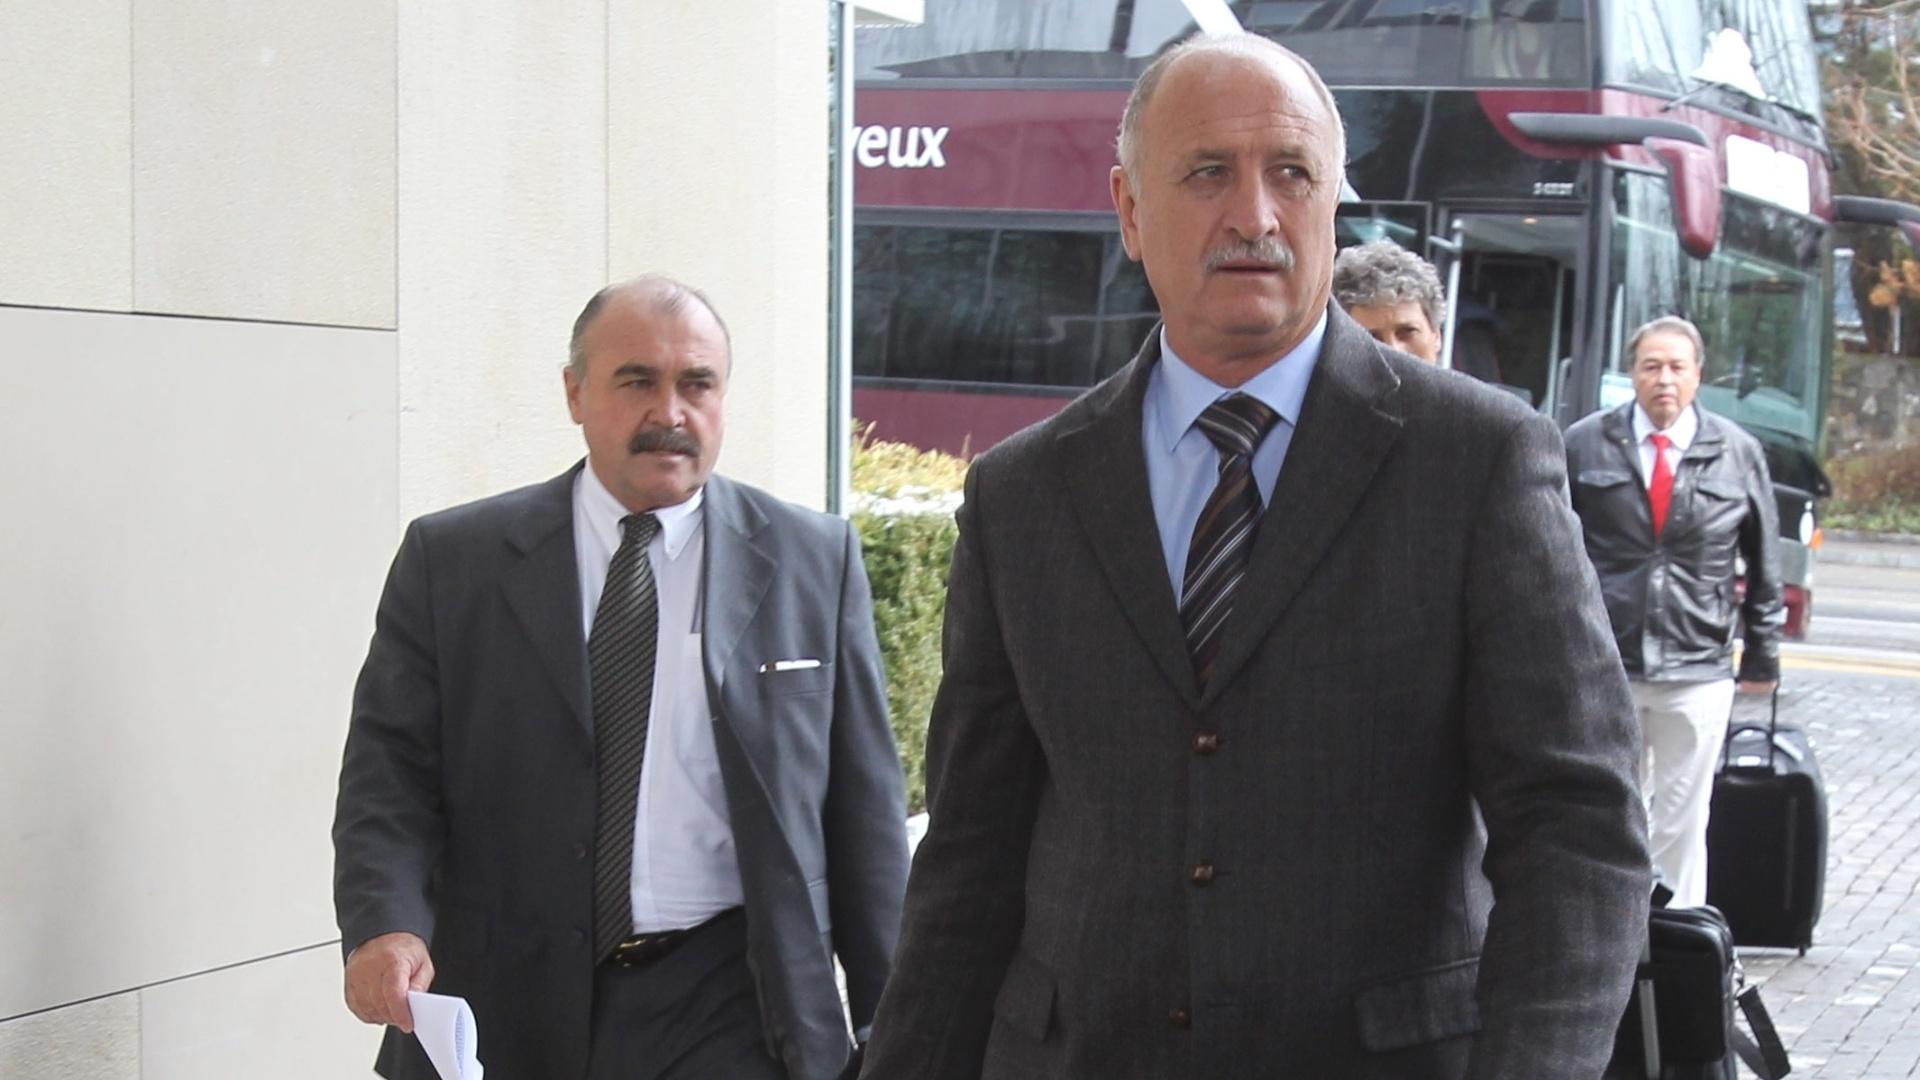 Acompanhado de Mustorsa, o técnico Felipão chega ao hotel na Suíça